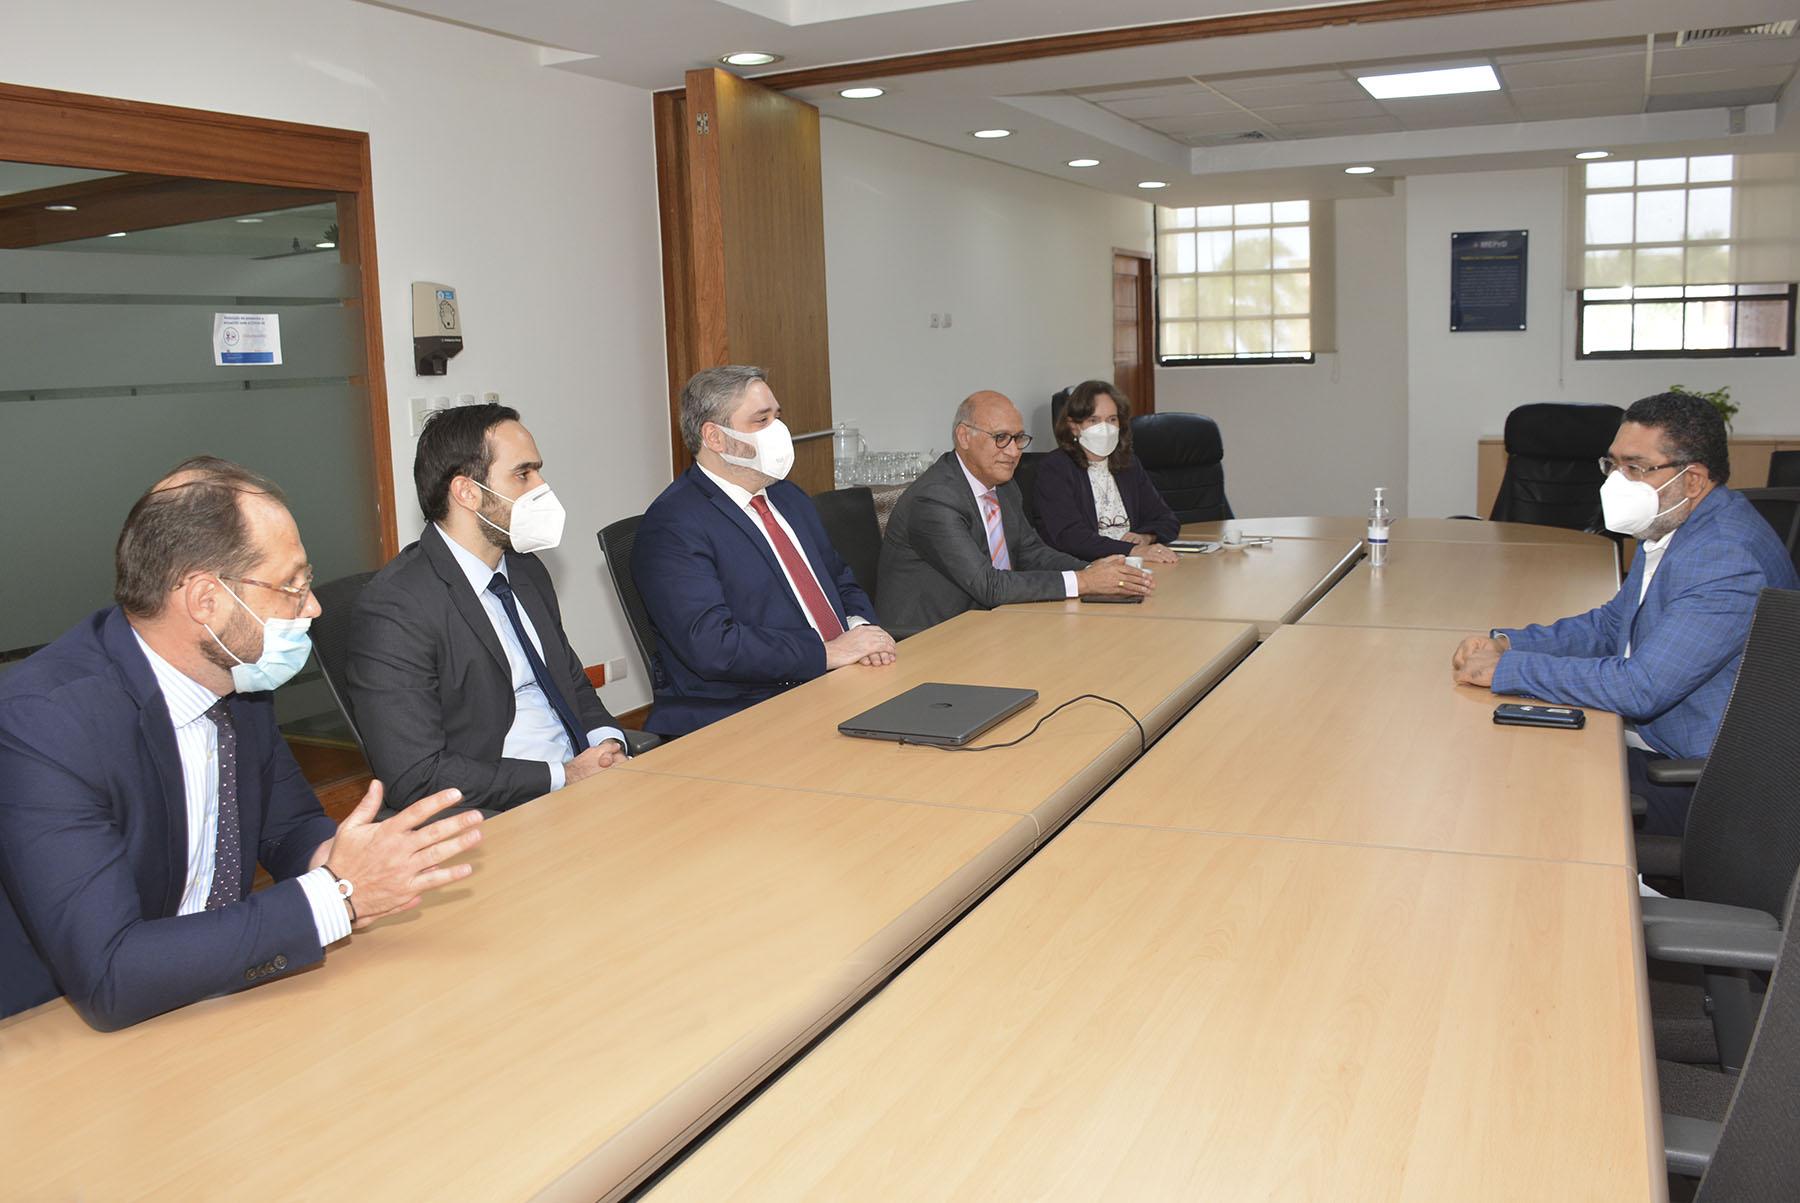 El viceministro de Análisis Económico y Social del Ministerio de Economía, Planificación y Desarrollo, Alexis Cruz, en el diálogo con los nuevos integrantes de la Junta Directiva de la EuroCámara de Comercio de la República Dominicana.